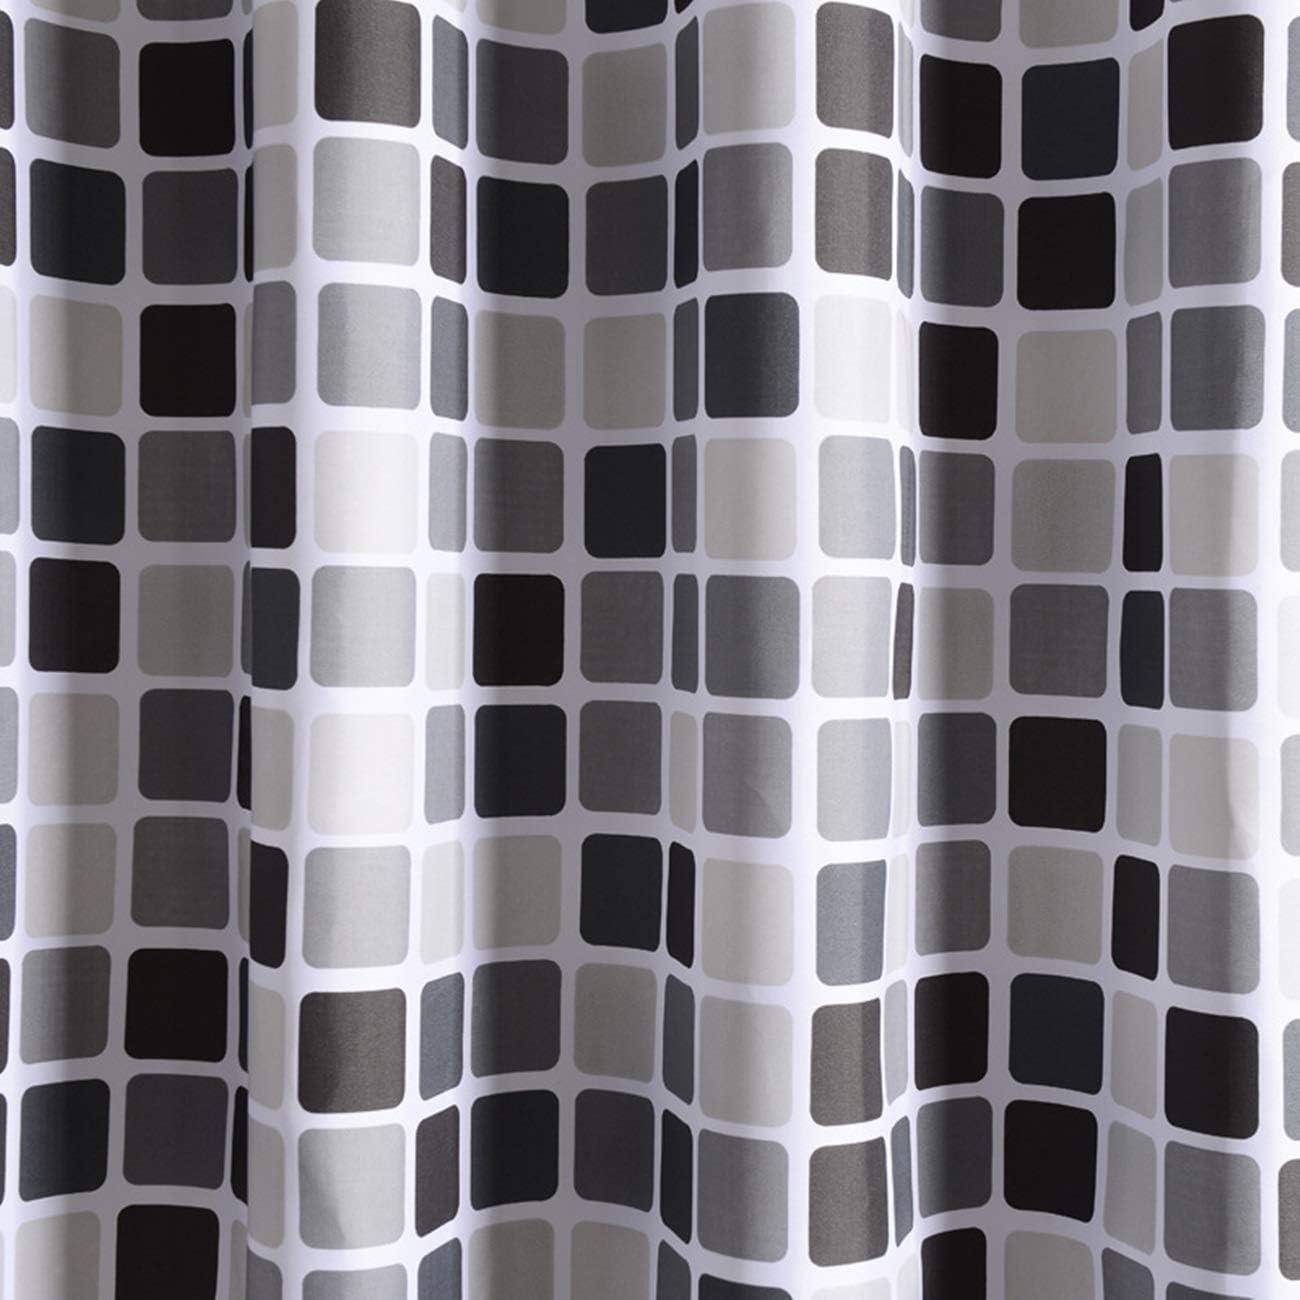 Blisfille Cortinas para Oficina Cortina de Ducha de Poli/éster Cortina Ba/ño de Tart/án,Negro Blanco,80X180